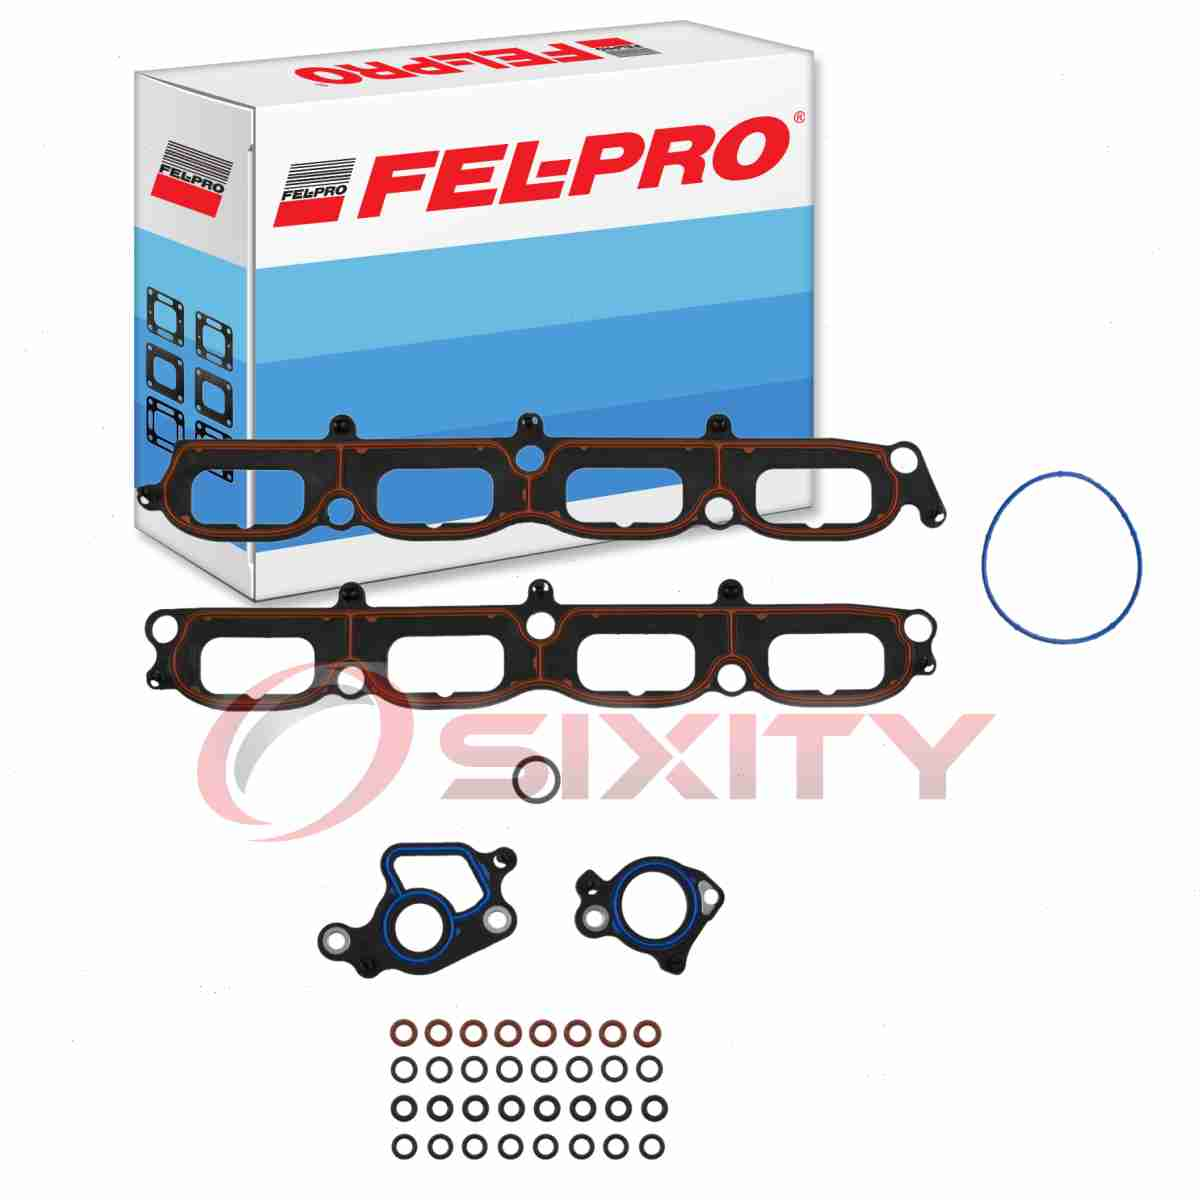 Engine Sealing ox Fel-Pro MS 96696 Intake Manifold Gasket Set FelPro MS96696